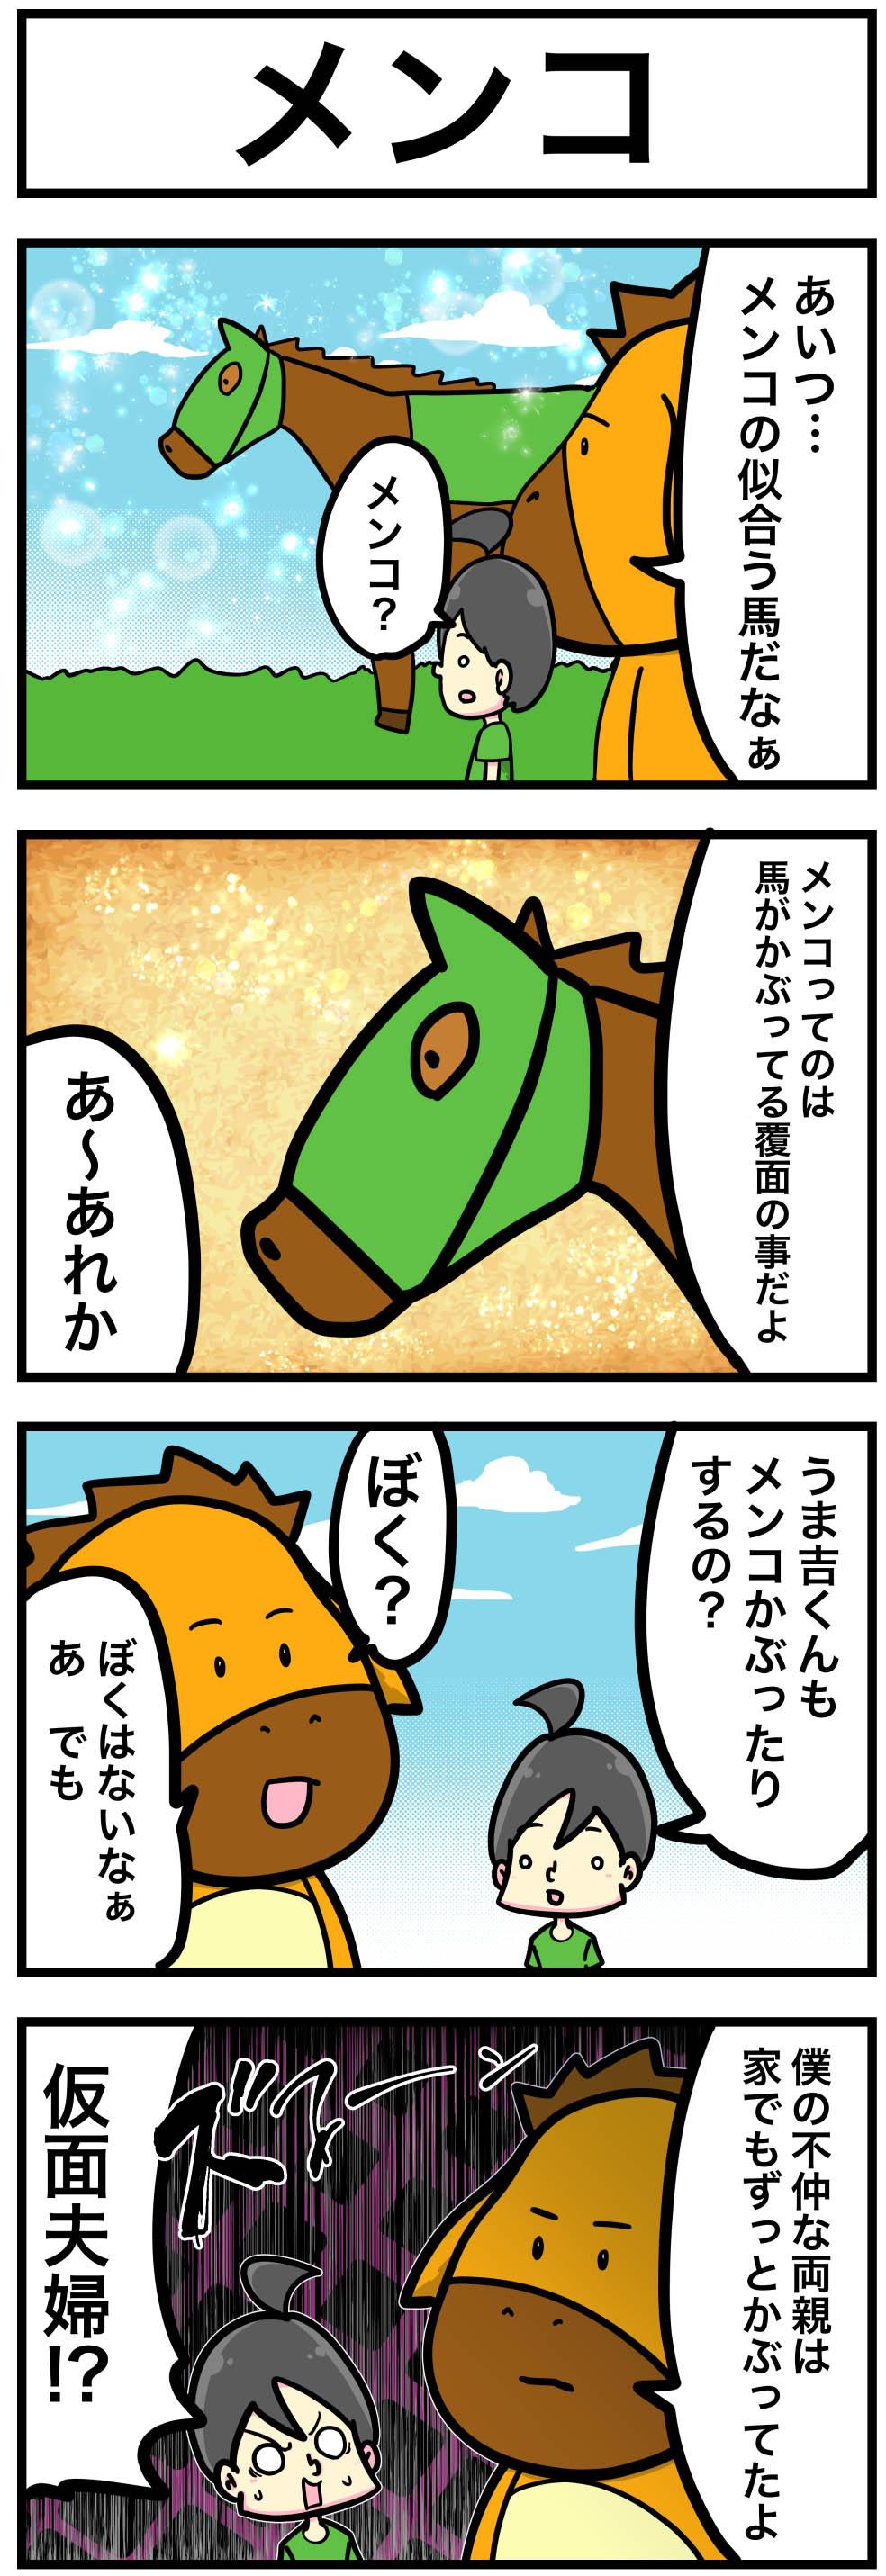 メンコ【うま吉の鉄板穴馬マンガ】